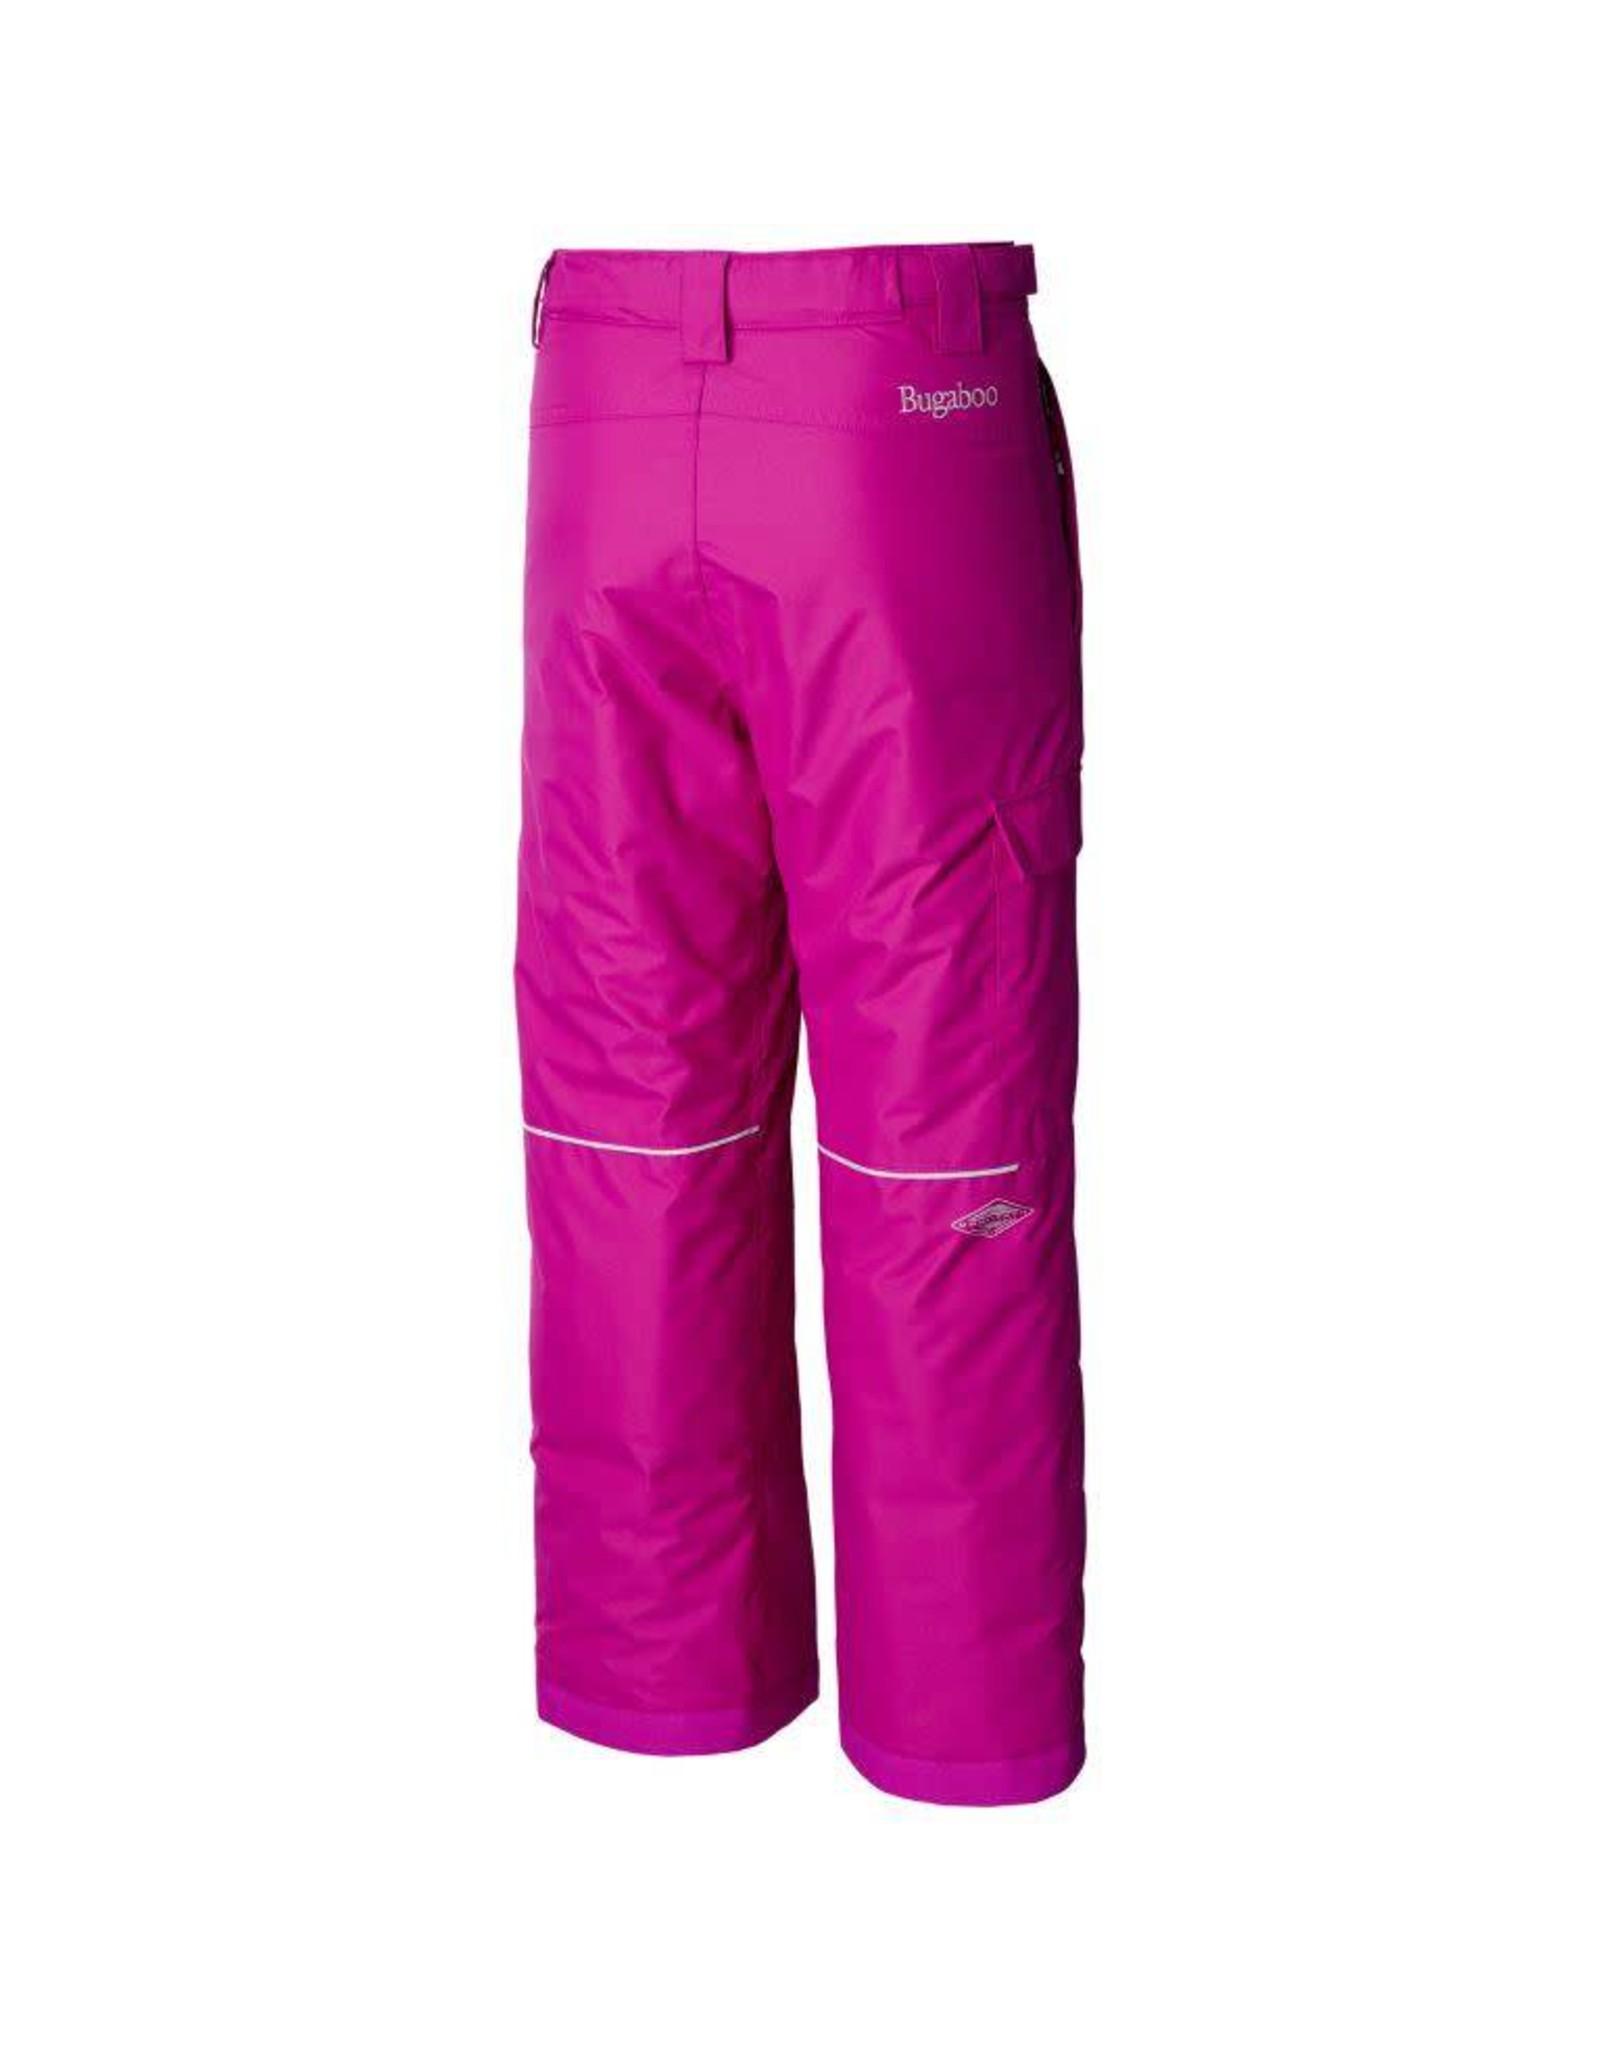 Columbia Sportswear Columbia Bugaboo II Pant